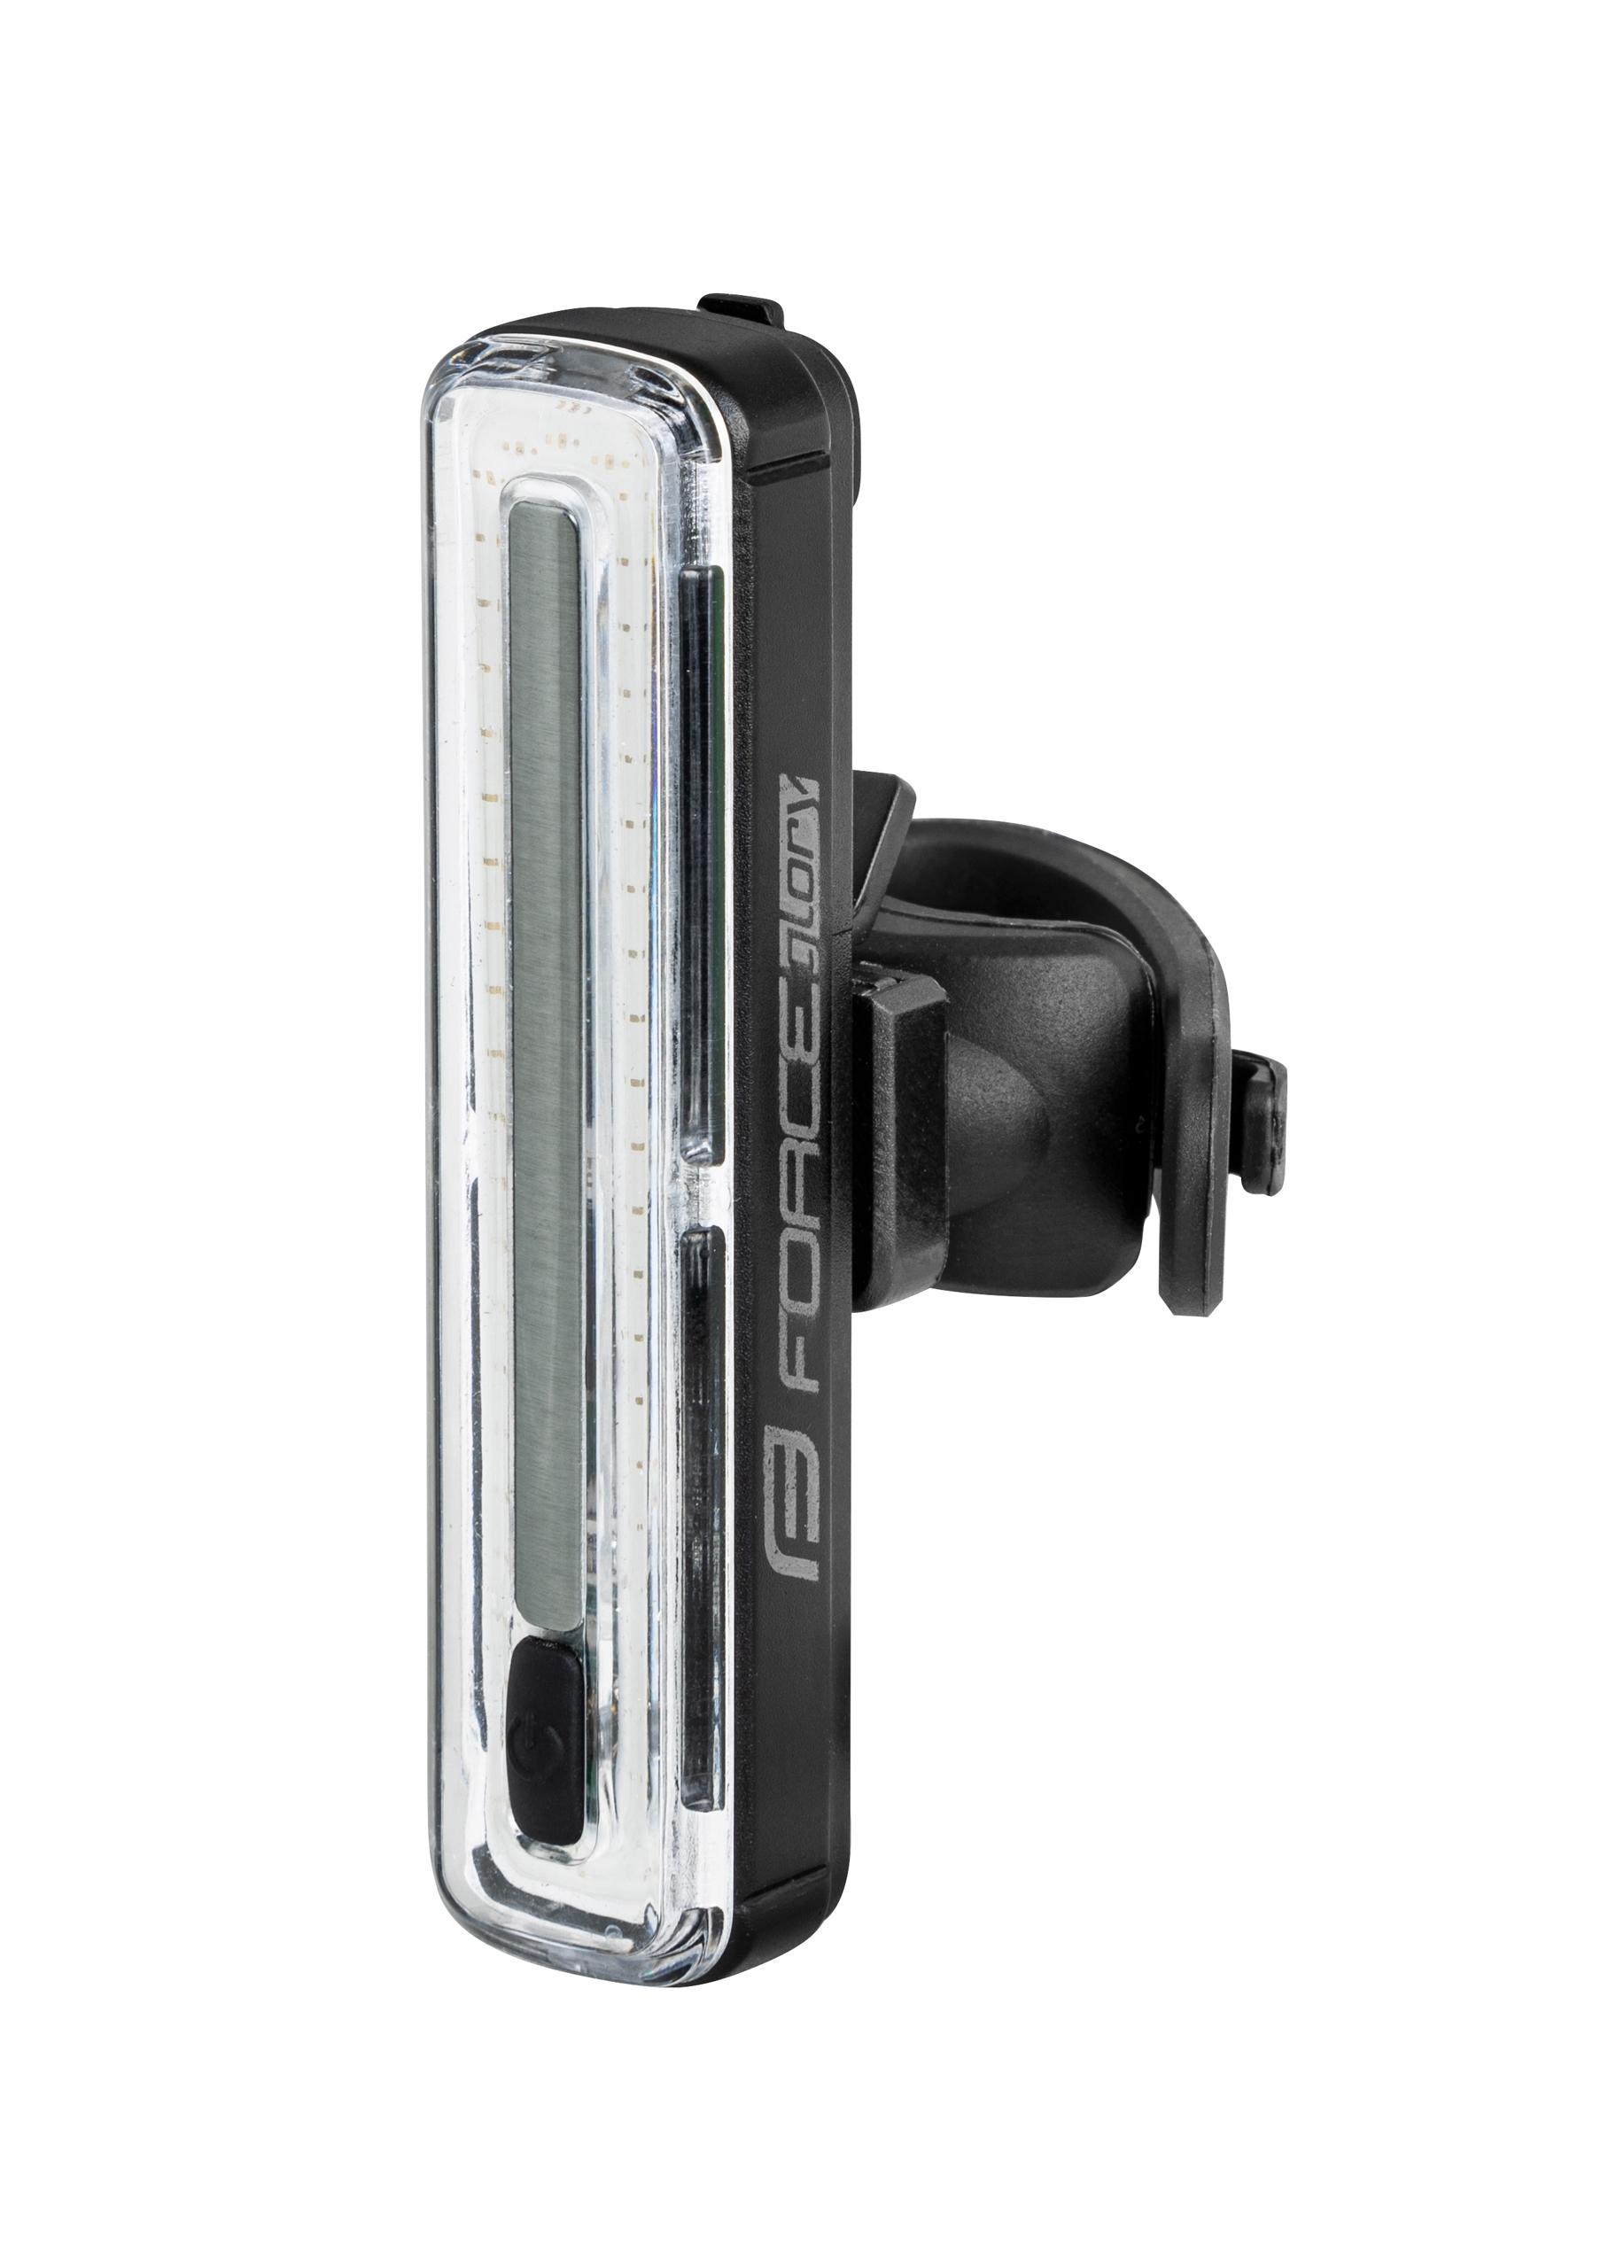 blikačka zadní FORCE GLORY 70LM, 50x LED, USB